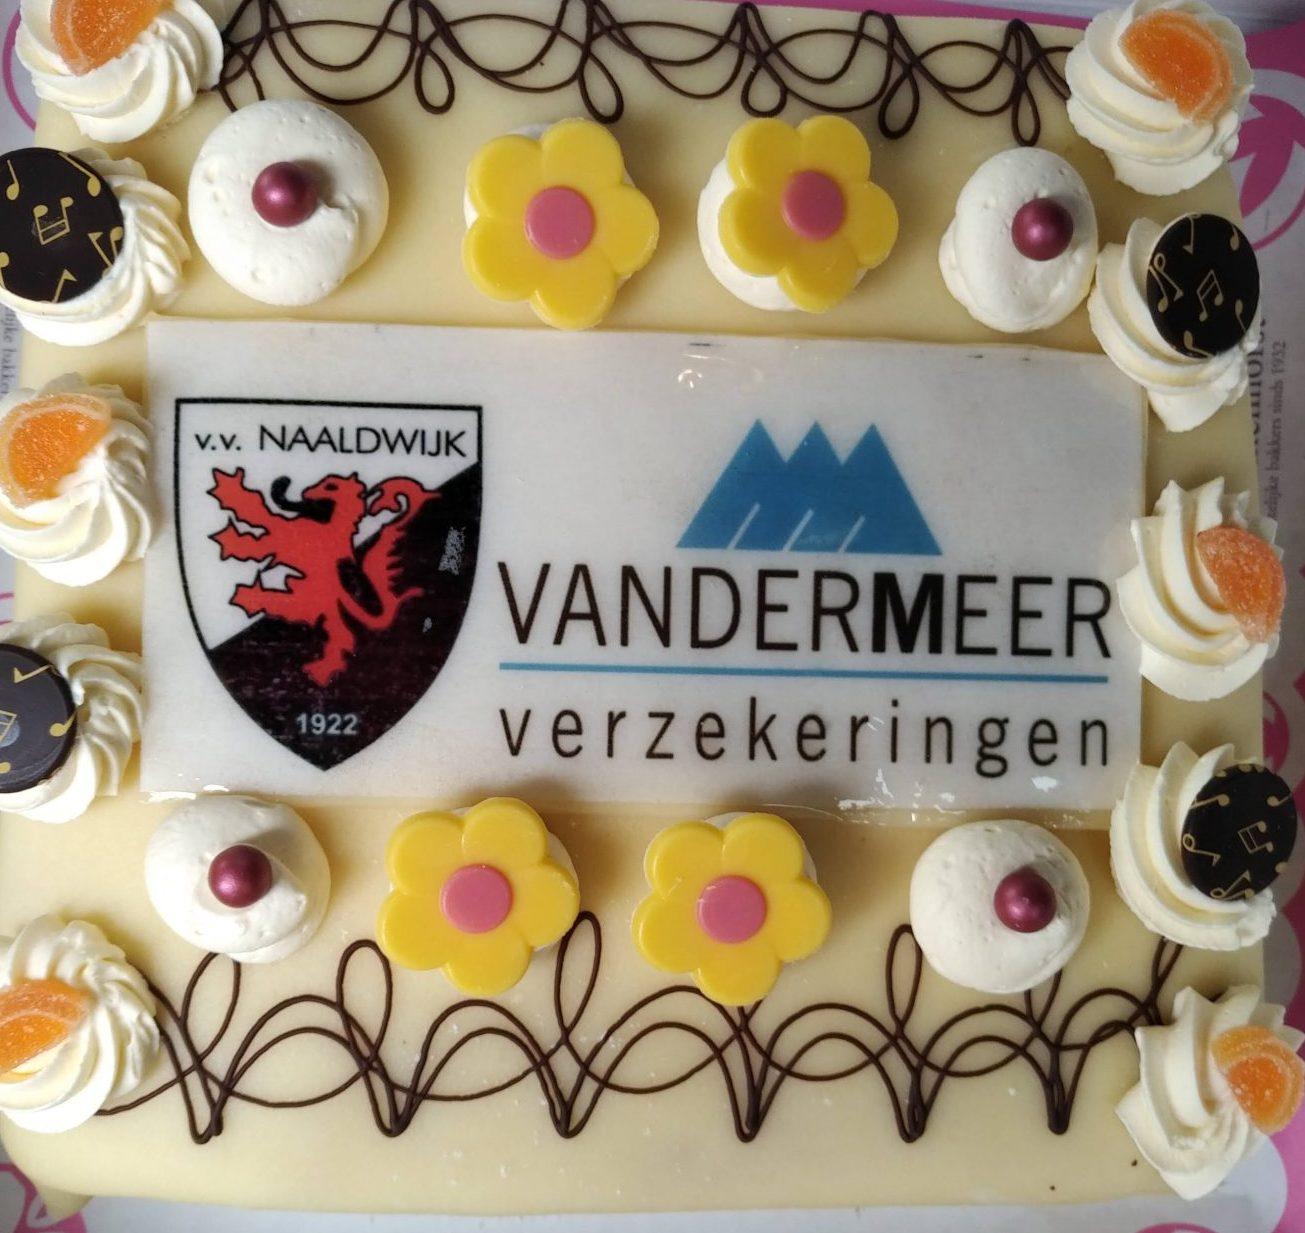 Van der Meer verzekeringen nieuwe hoofdsponsor vv Naaldwijk Zami 1